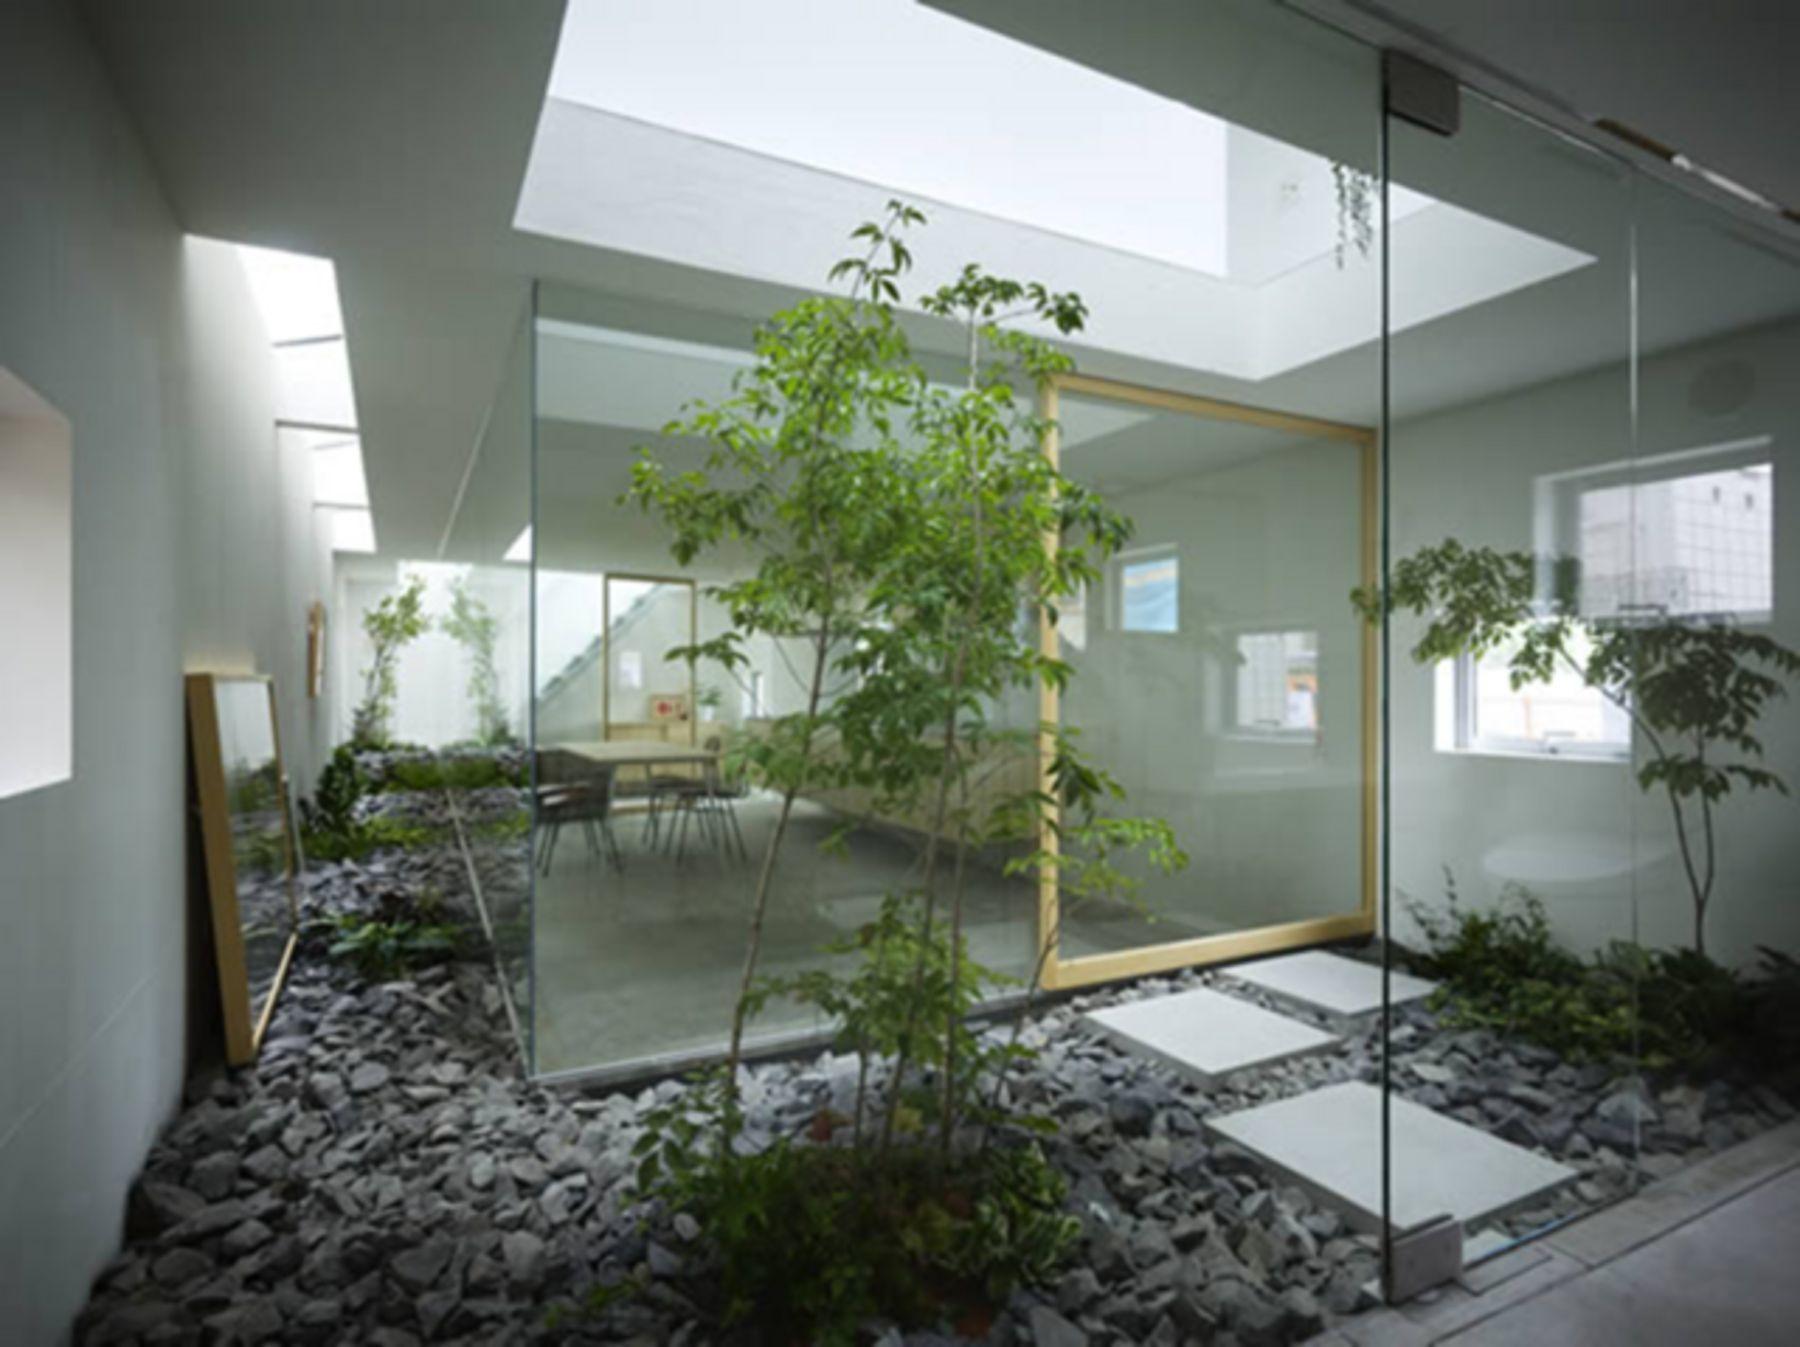 Indoor Garden Design Ideas 10 in 10  Interior garden